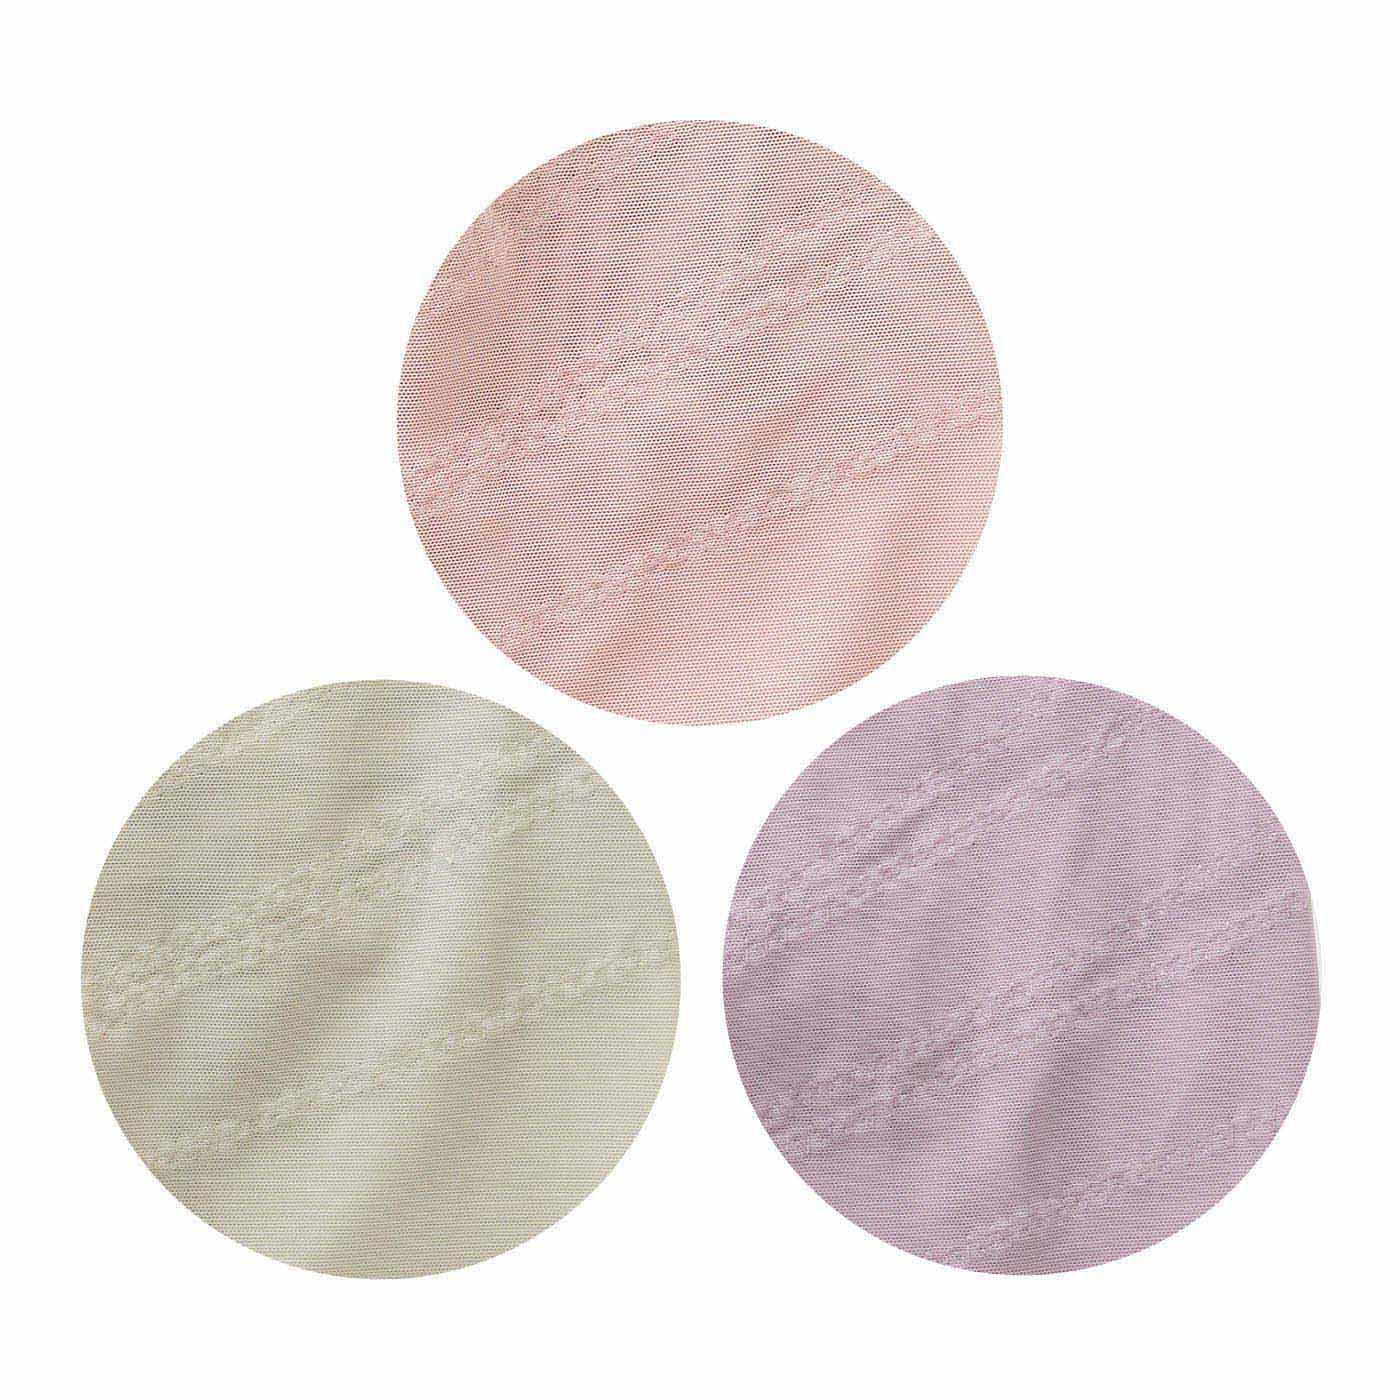 〈ピンク〉〈グレー〉〈パープル〉の3色展開。